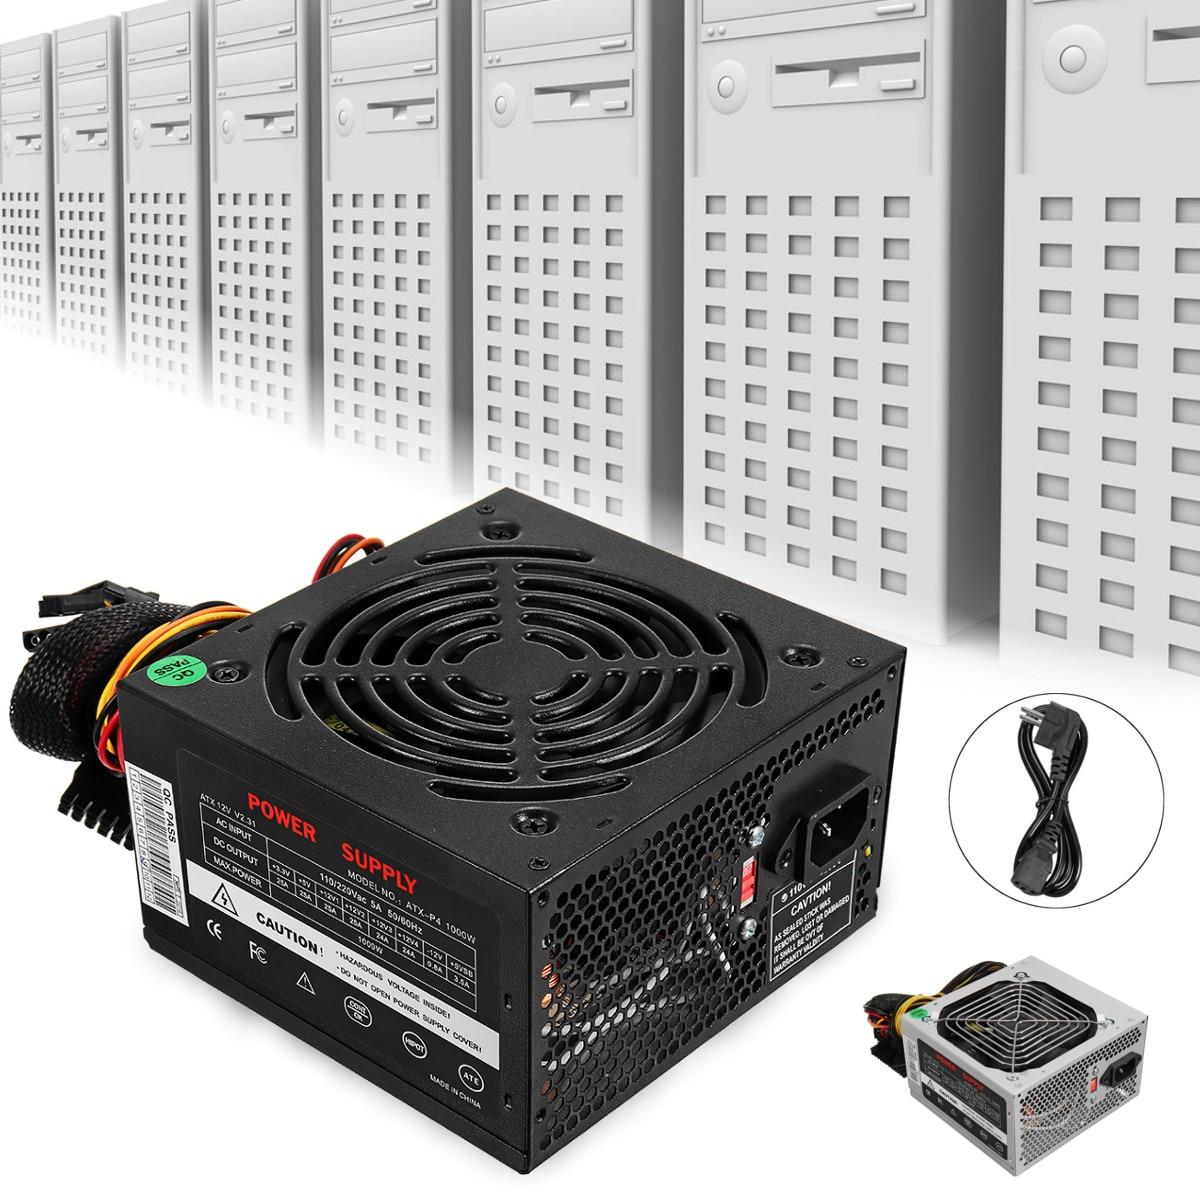 Max 1000 W alimentation PSU PFC ventilateur silencieux ATX 24pin 12 V PC ordinateur SATA Gaming PC alimentation pour Intel AMD ordinateur noir - 6